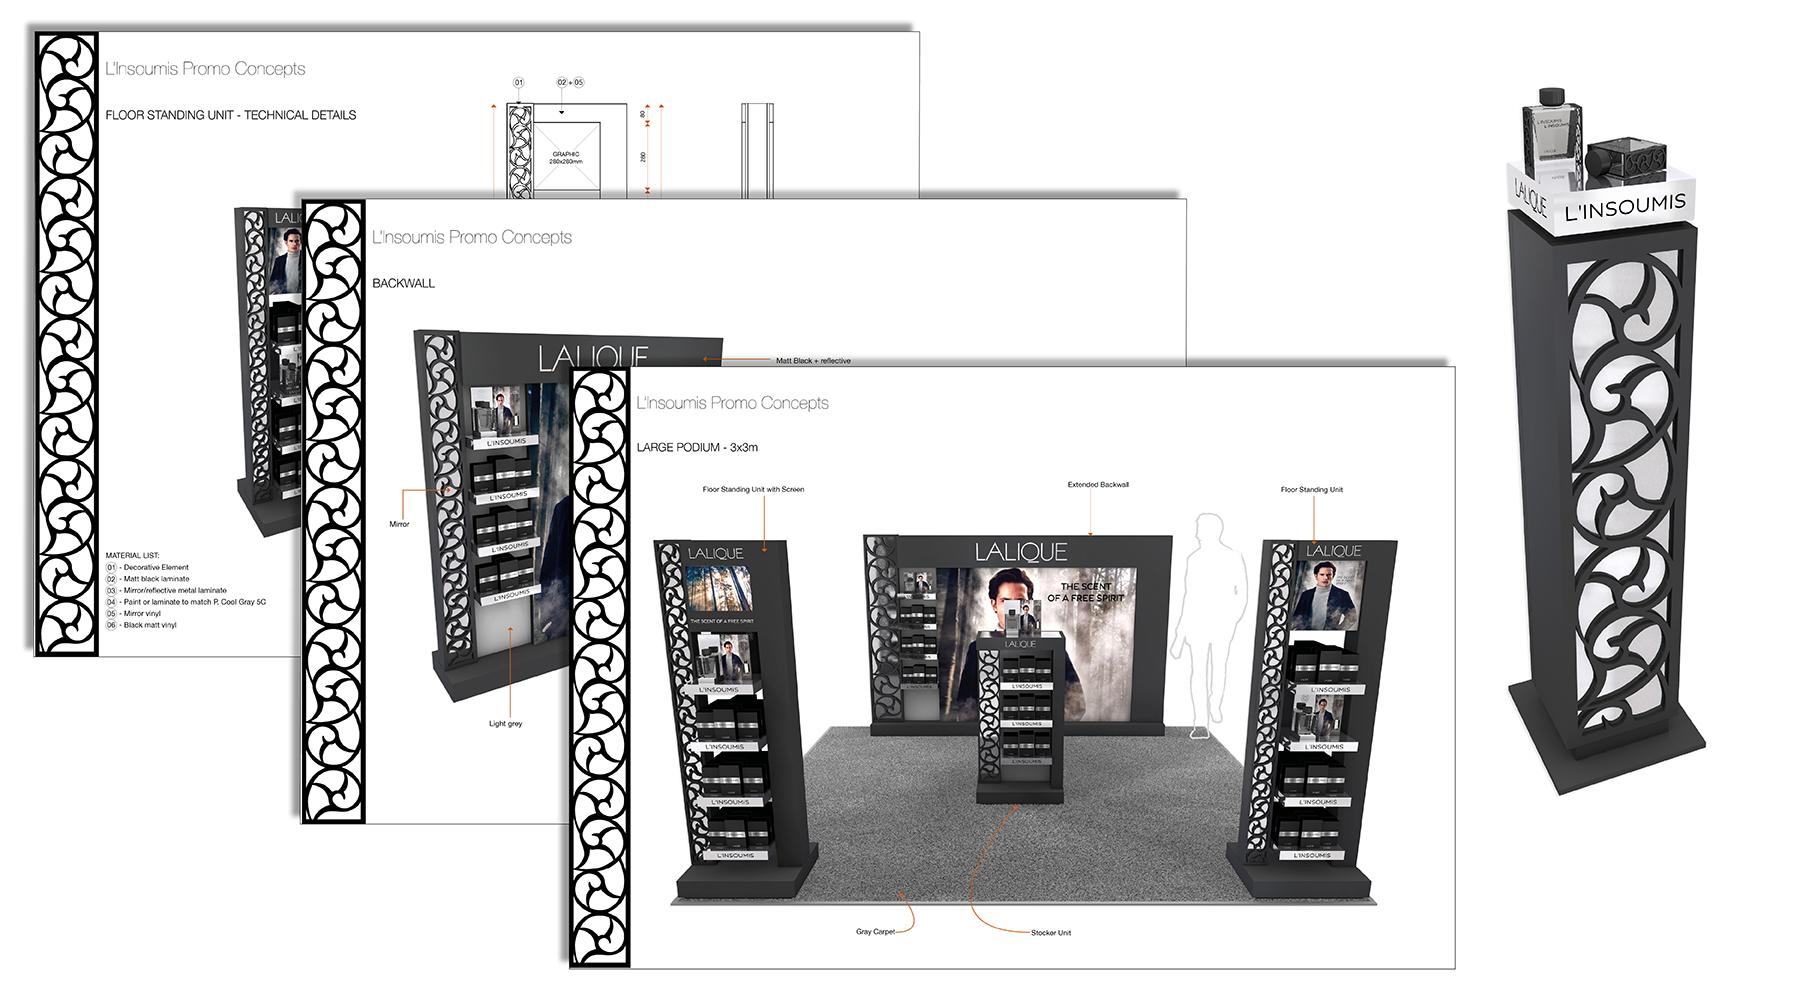 Lalique L'Insoumis Merchandise guidelines